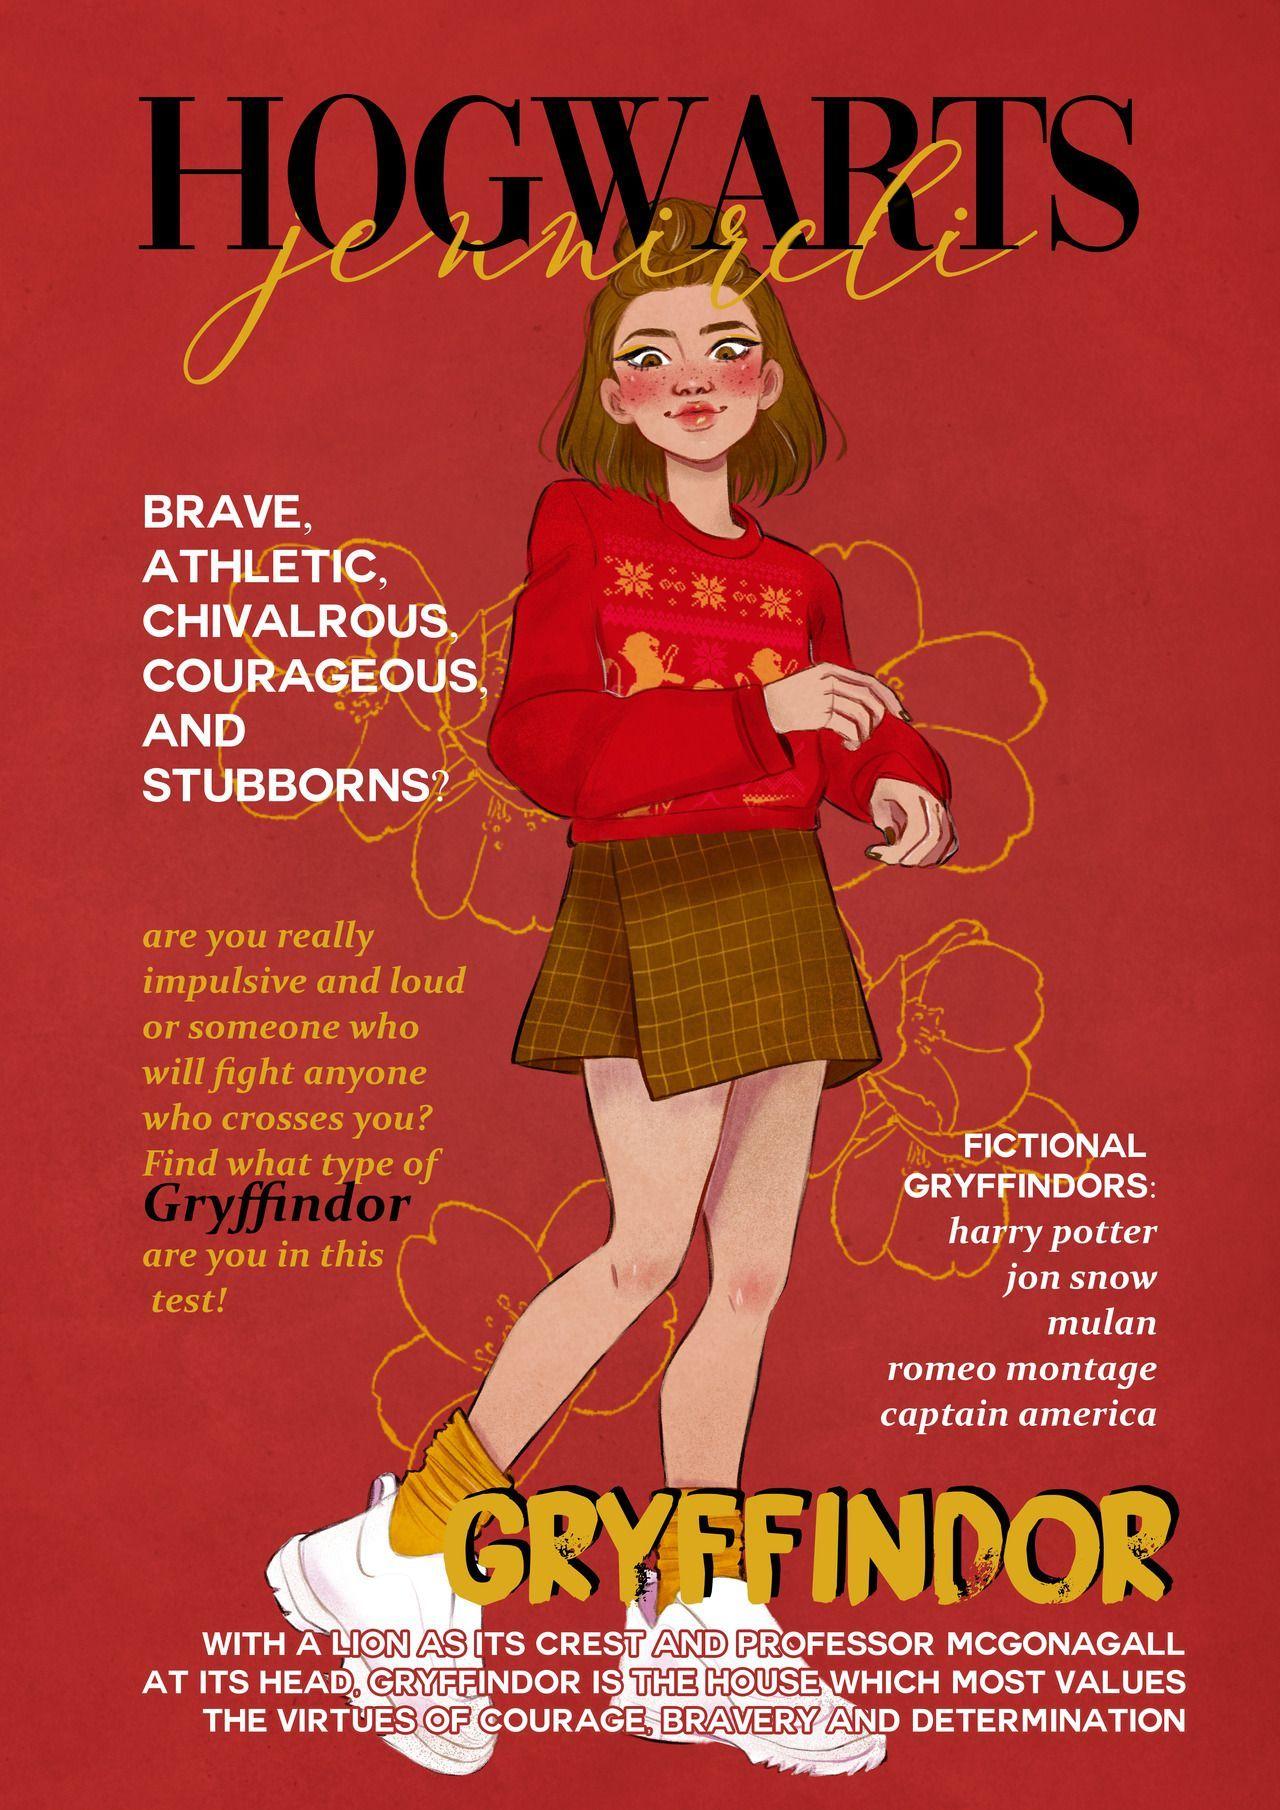 Hogwarts Magazine Covers Harry Potter Images Harry Potter Drawings Harry Potter Anime